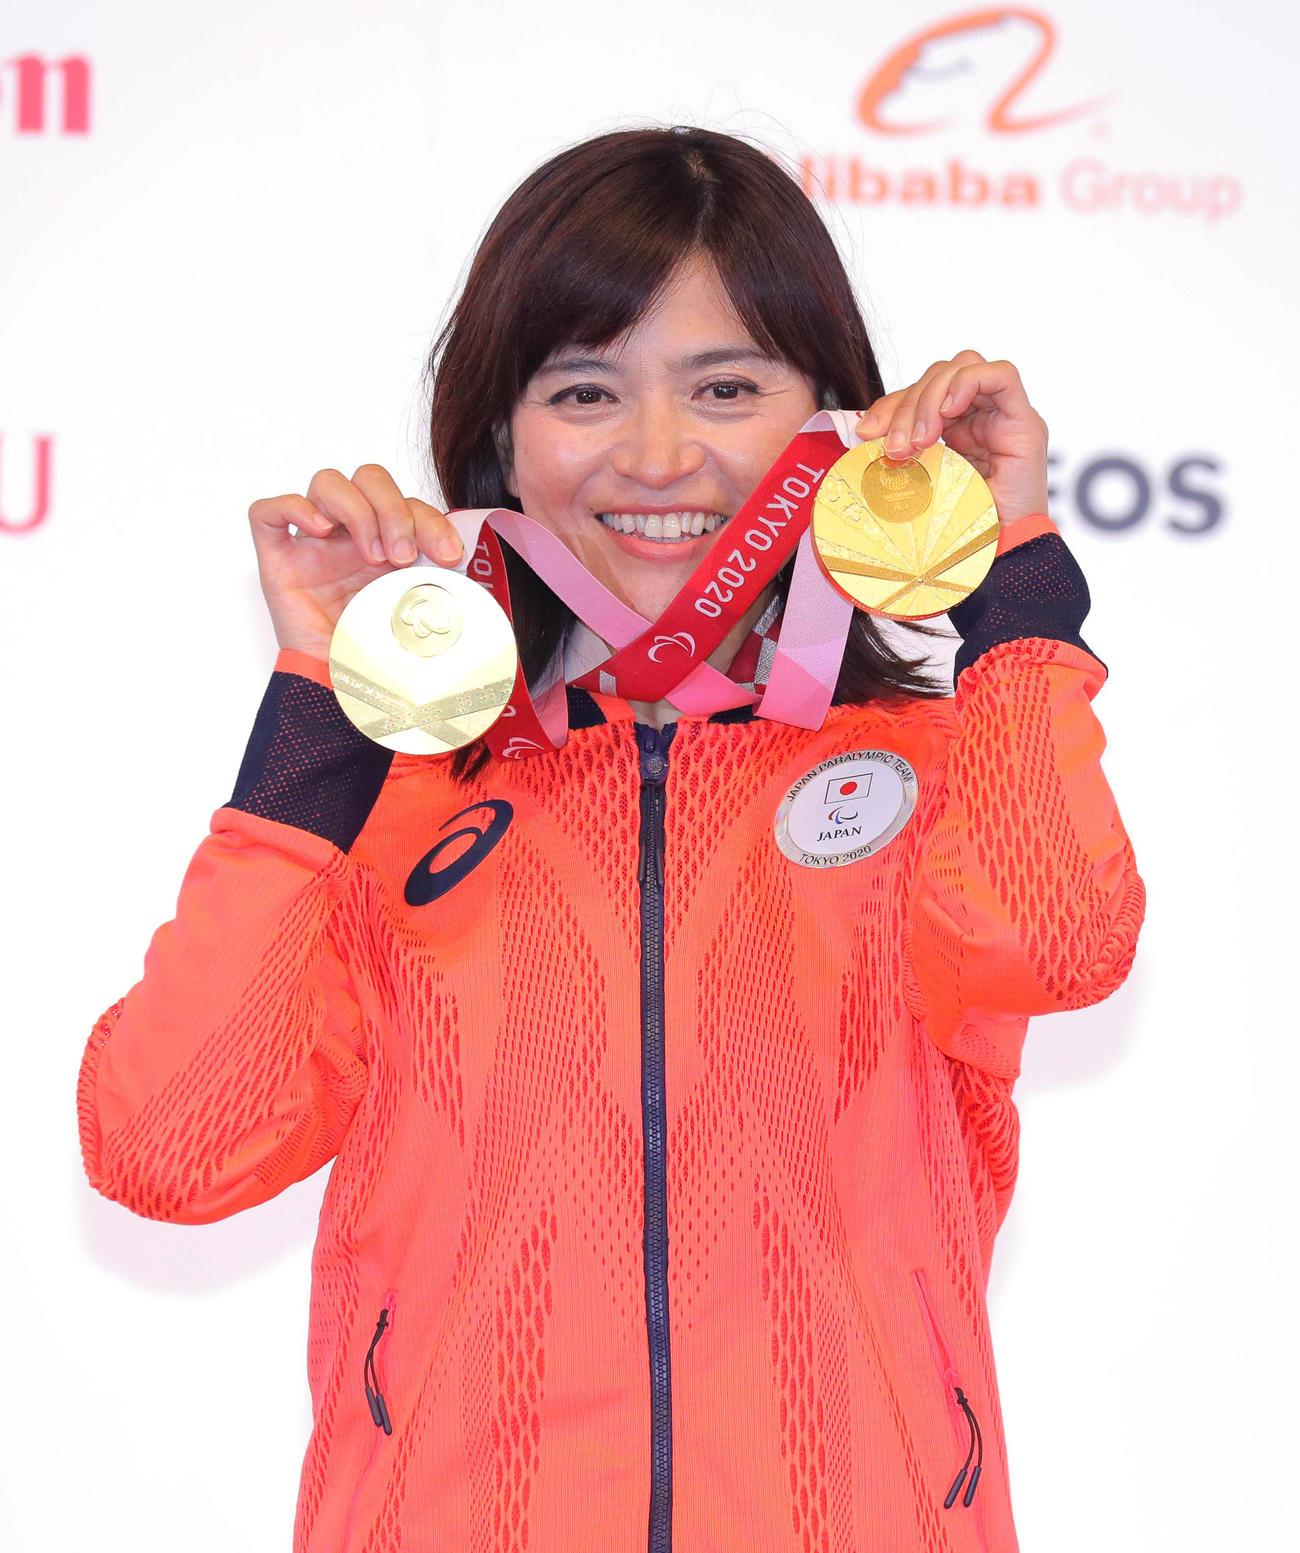 2冠を達成し両手に2つの金メダルを持ち笑顔の杉浦佳(代表撮影)